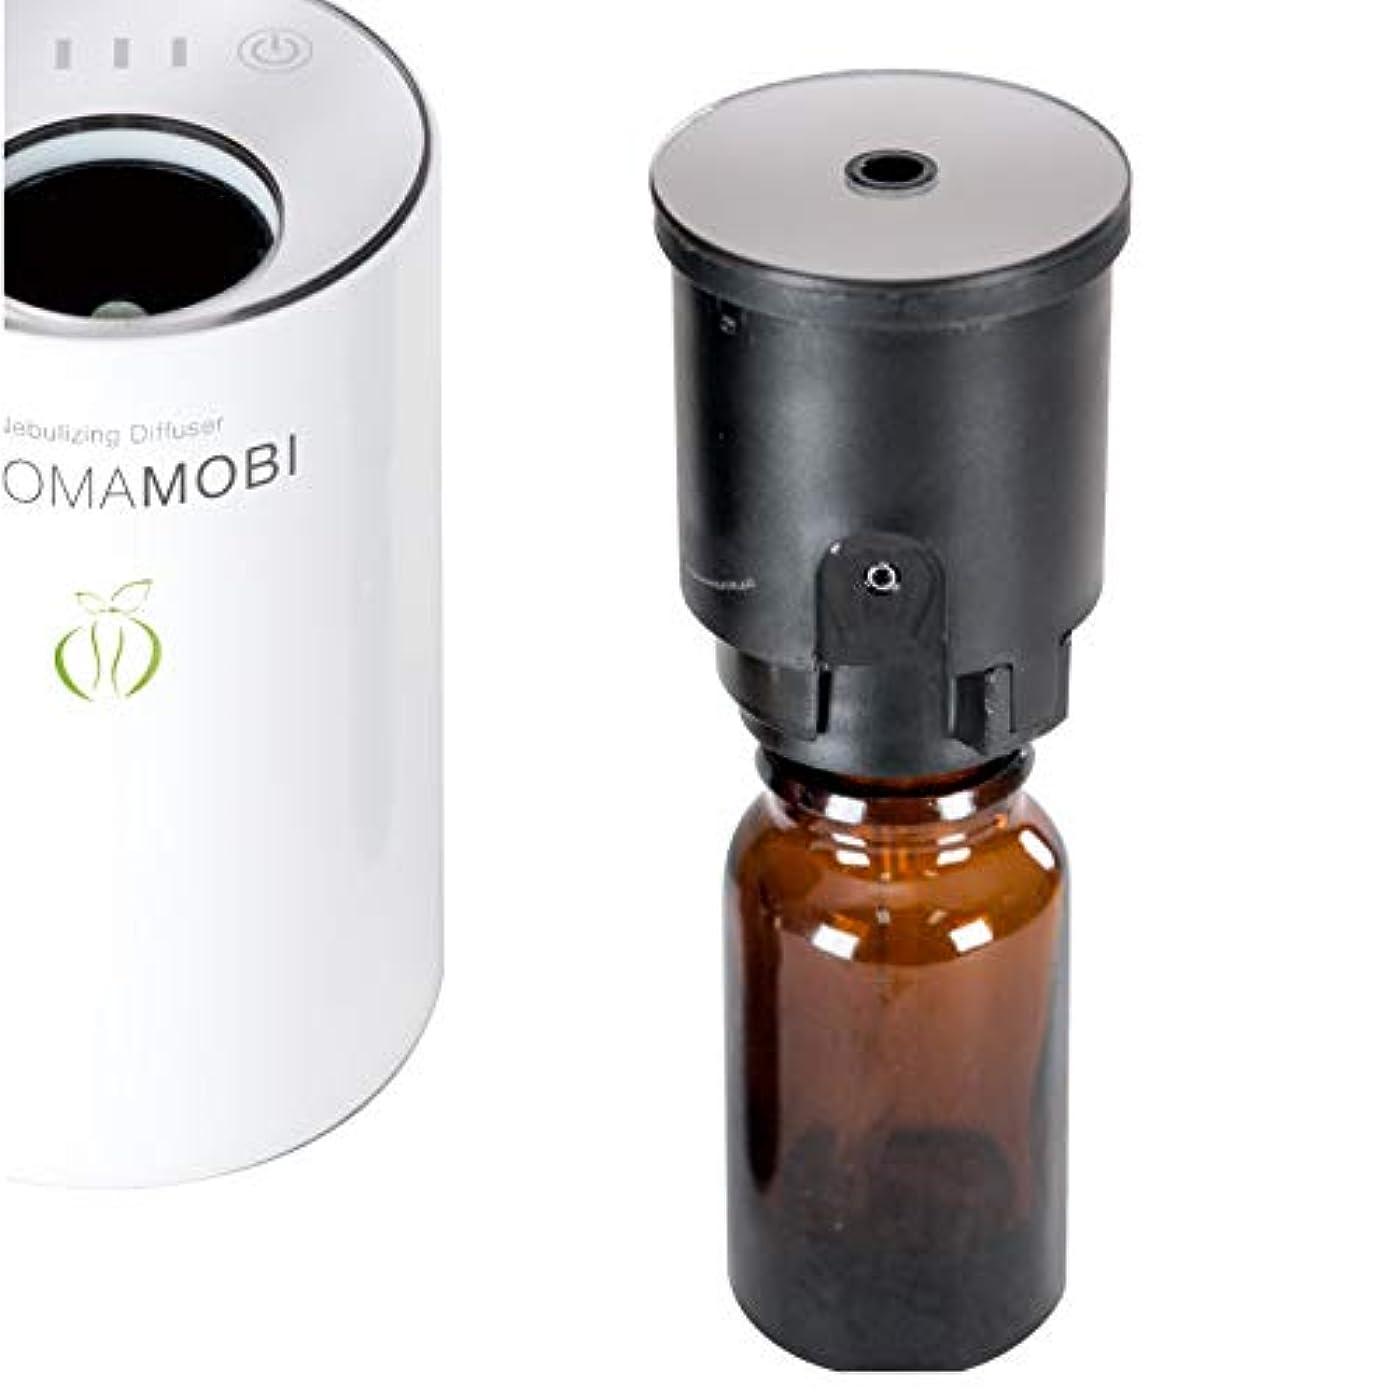 不測の事態ハミングバード検索エンジンマーケティングfunks アロマモビ 専用 交換用 ノズル ボトルセット aromamobi アロマディフューザー